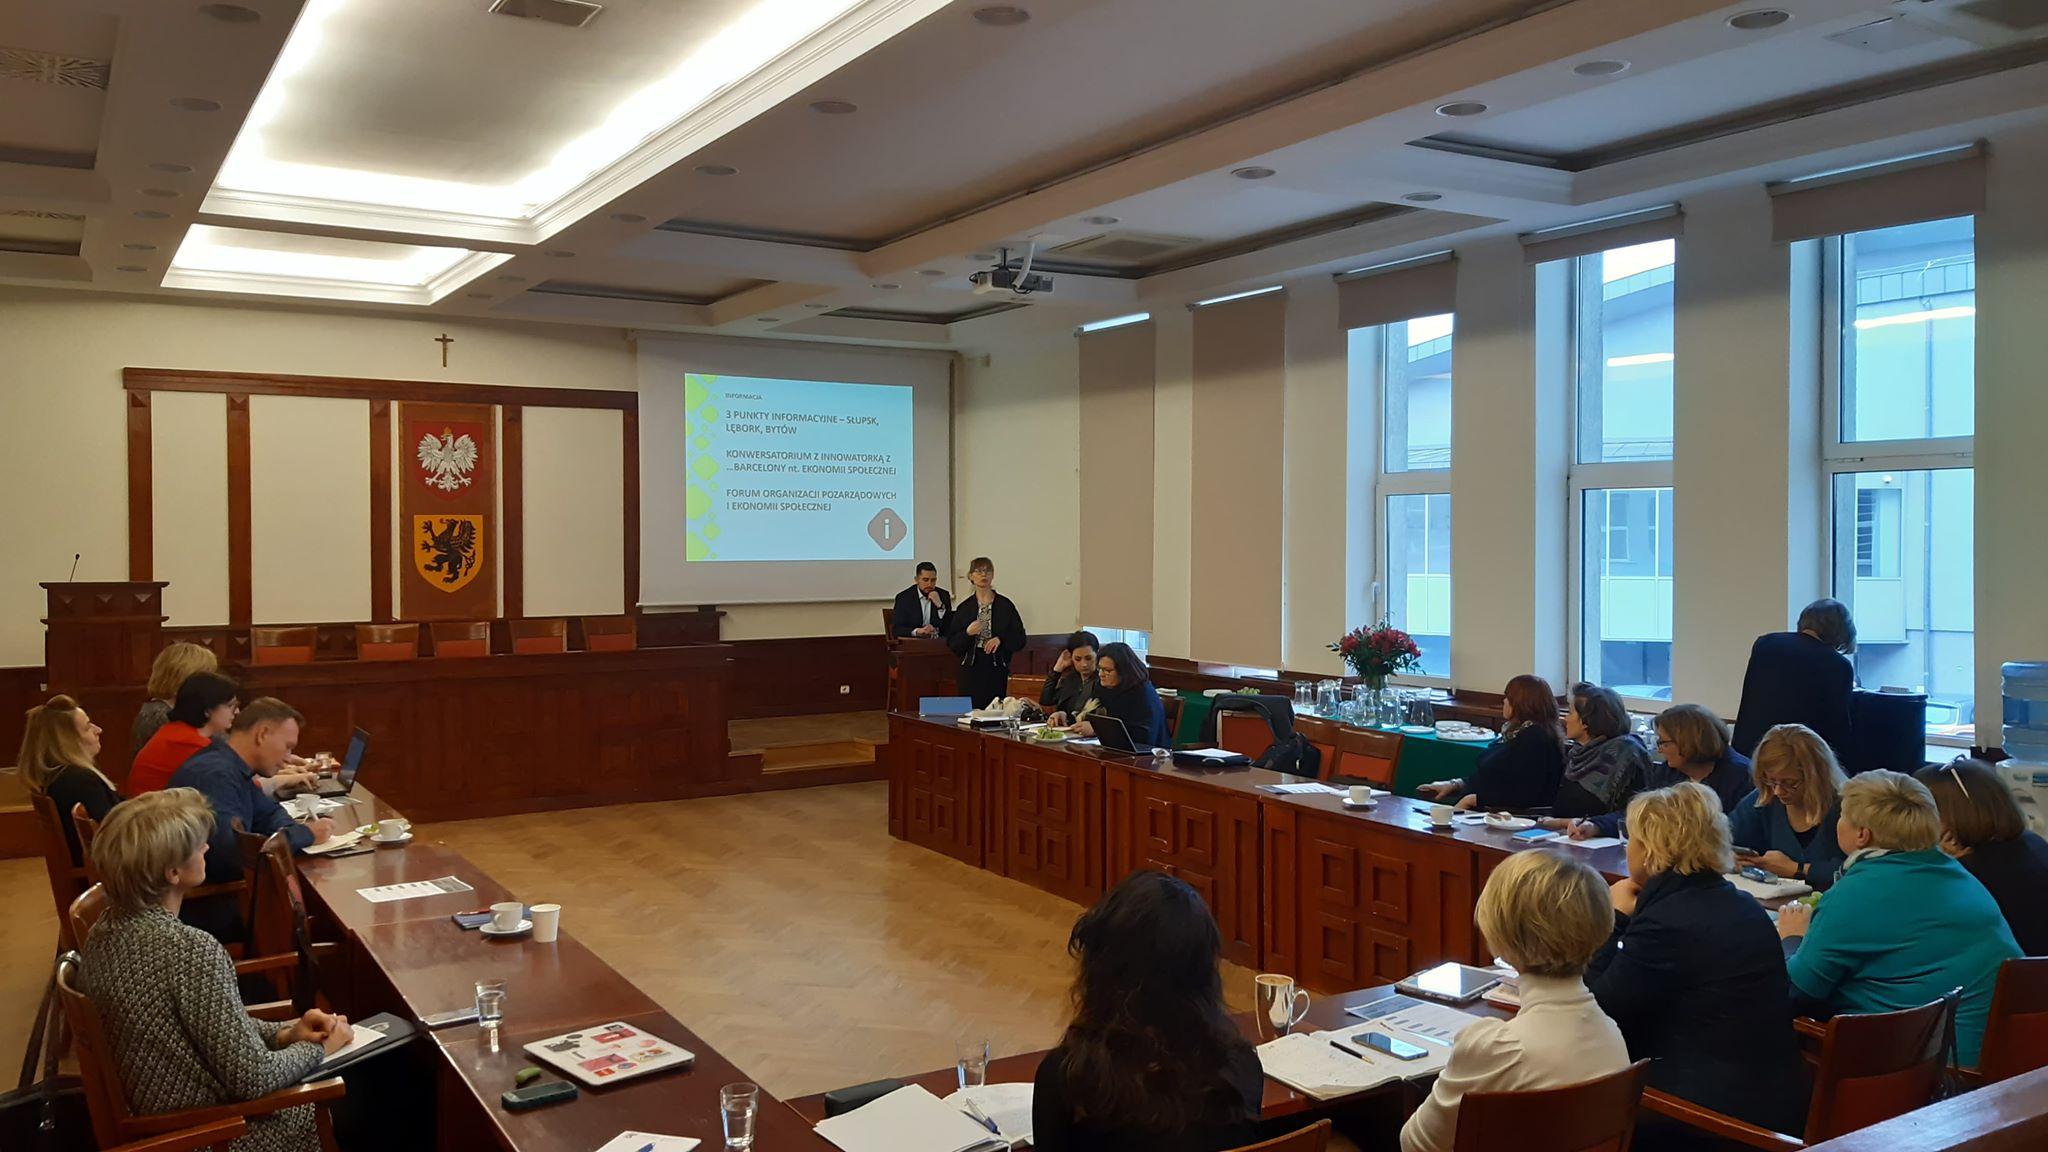 Pierwsze posiedzenie Pomorskiego Komitetu Rozwoju Ekonomii Społecznej w 2020 r. [RELACJA, MATERIAŁY DO POBRANIA]